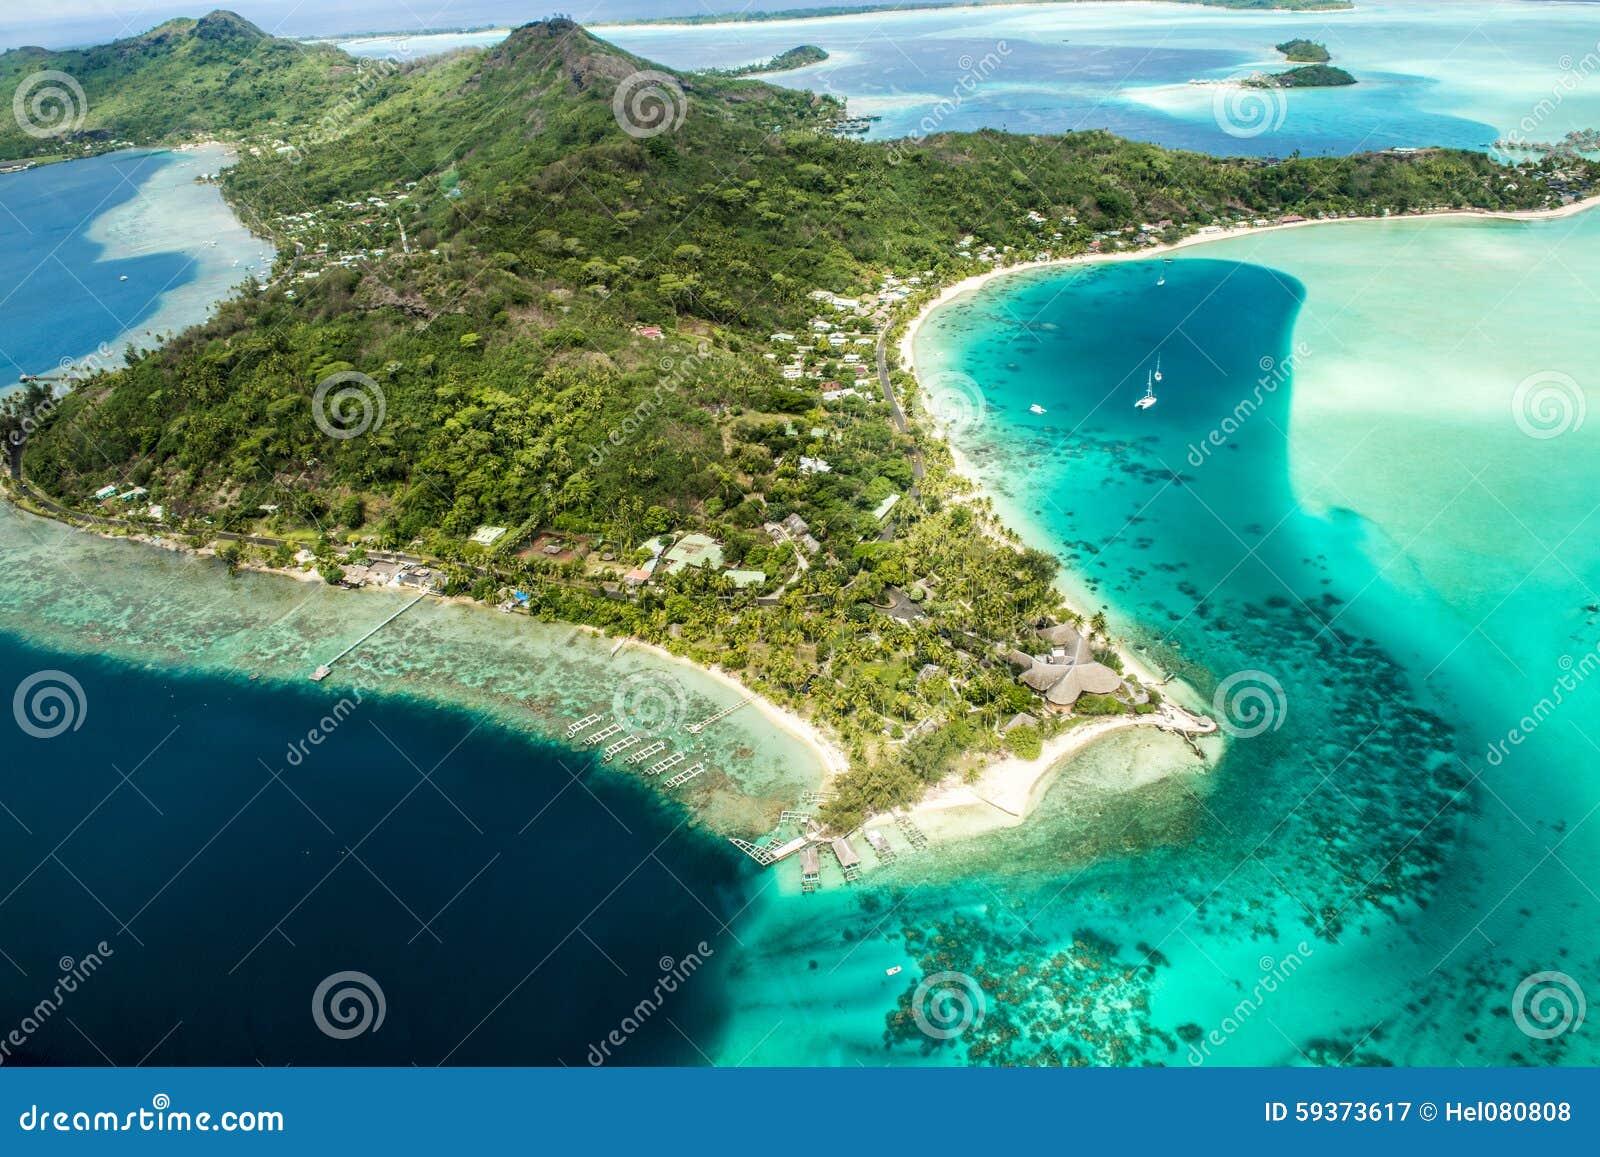 Turquesa y colores azules de Bora Bora